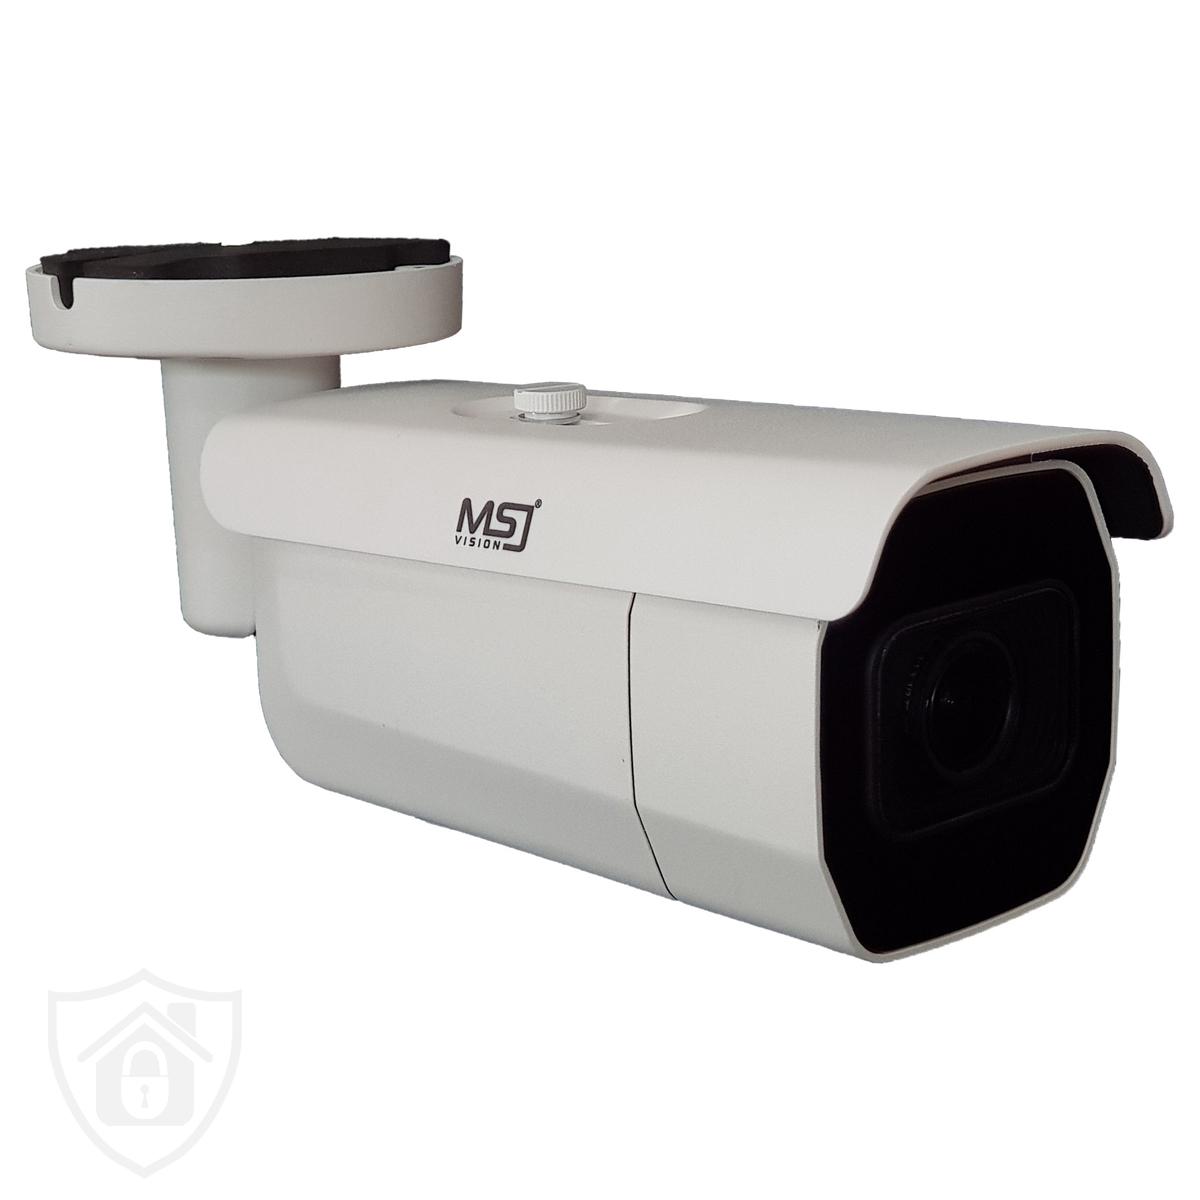 MSJ-IP-8306W-MZ-PRO-3MP 2.7-13.5mm